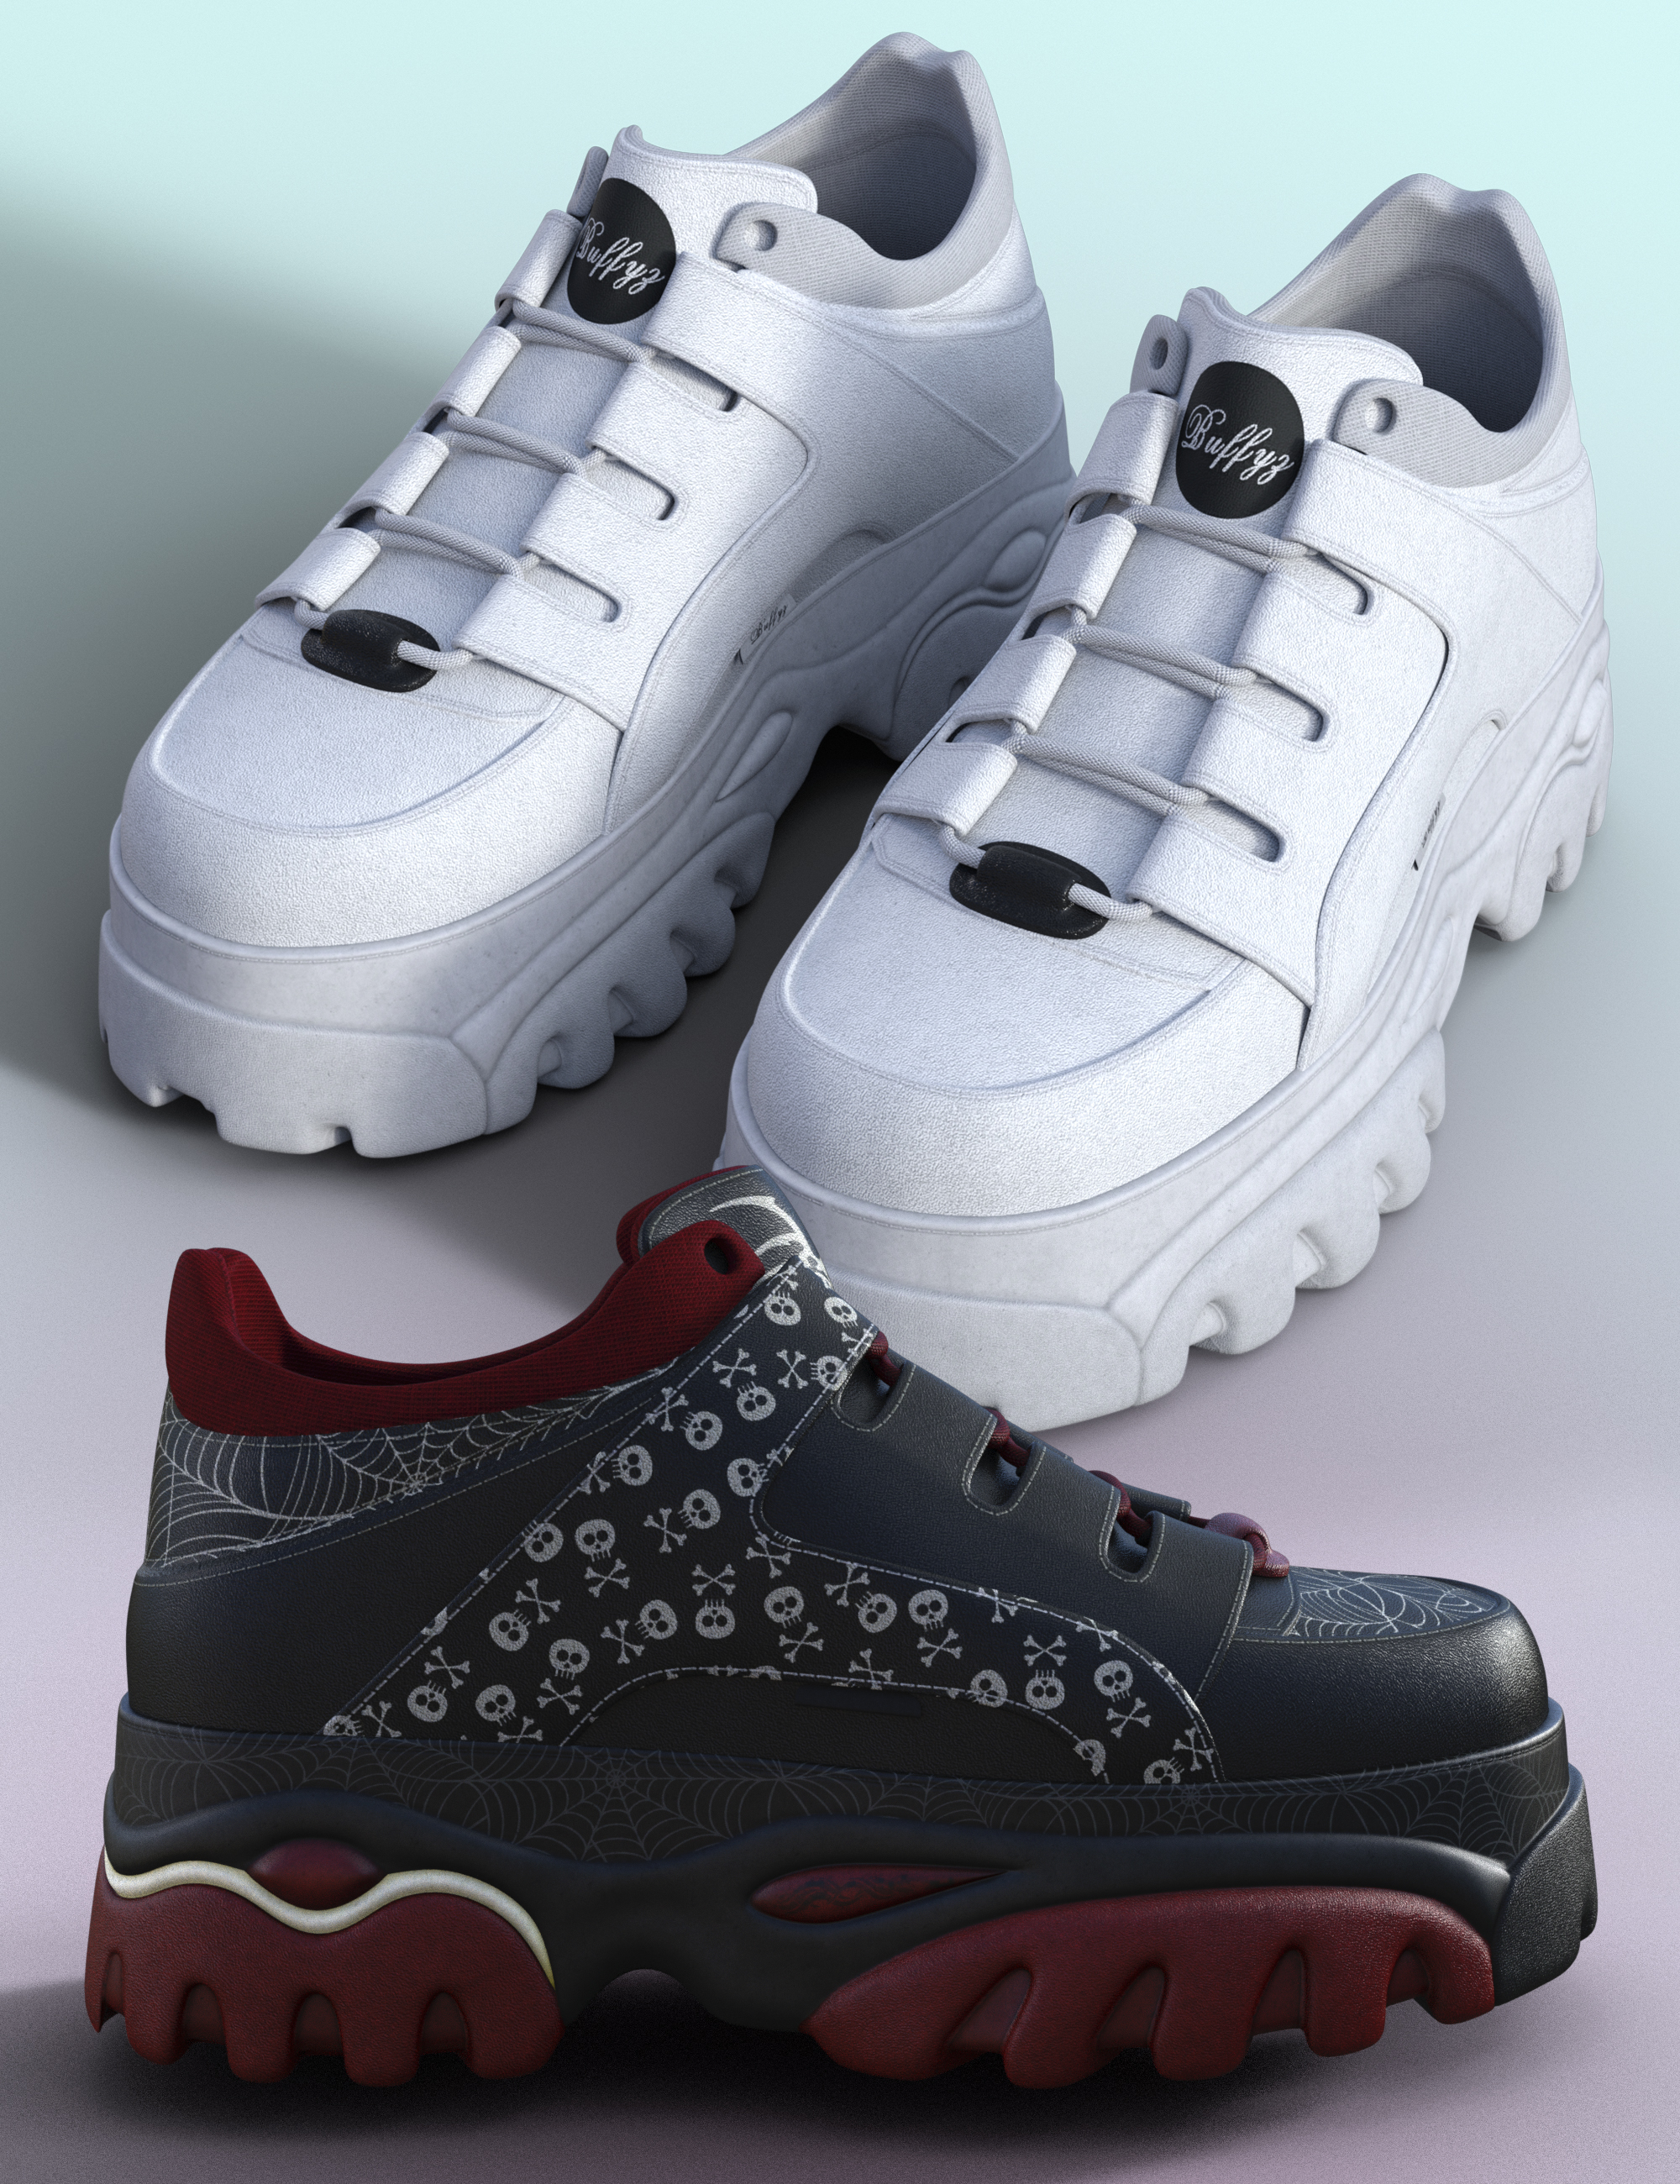 Buffz Platform Sneakers for Genesis 8 Females by: Dogz, 3D Models by Daz 3D